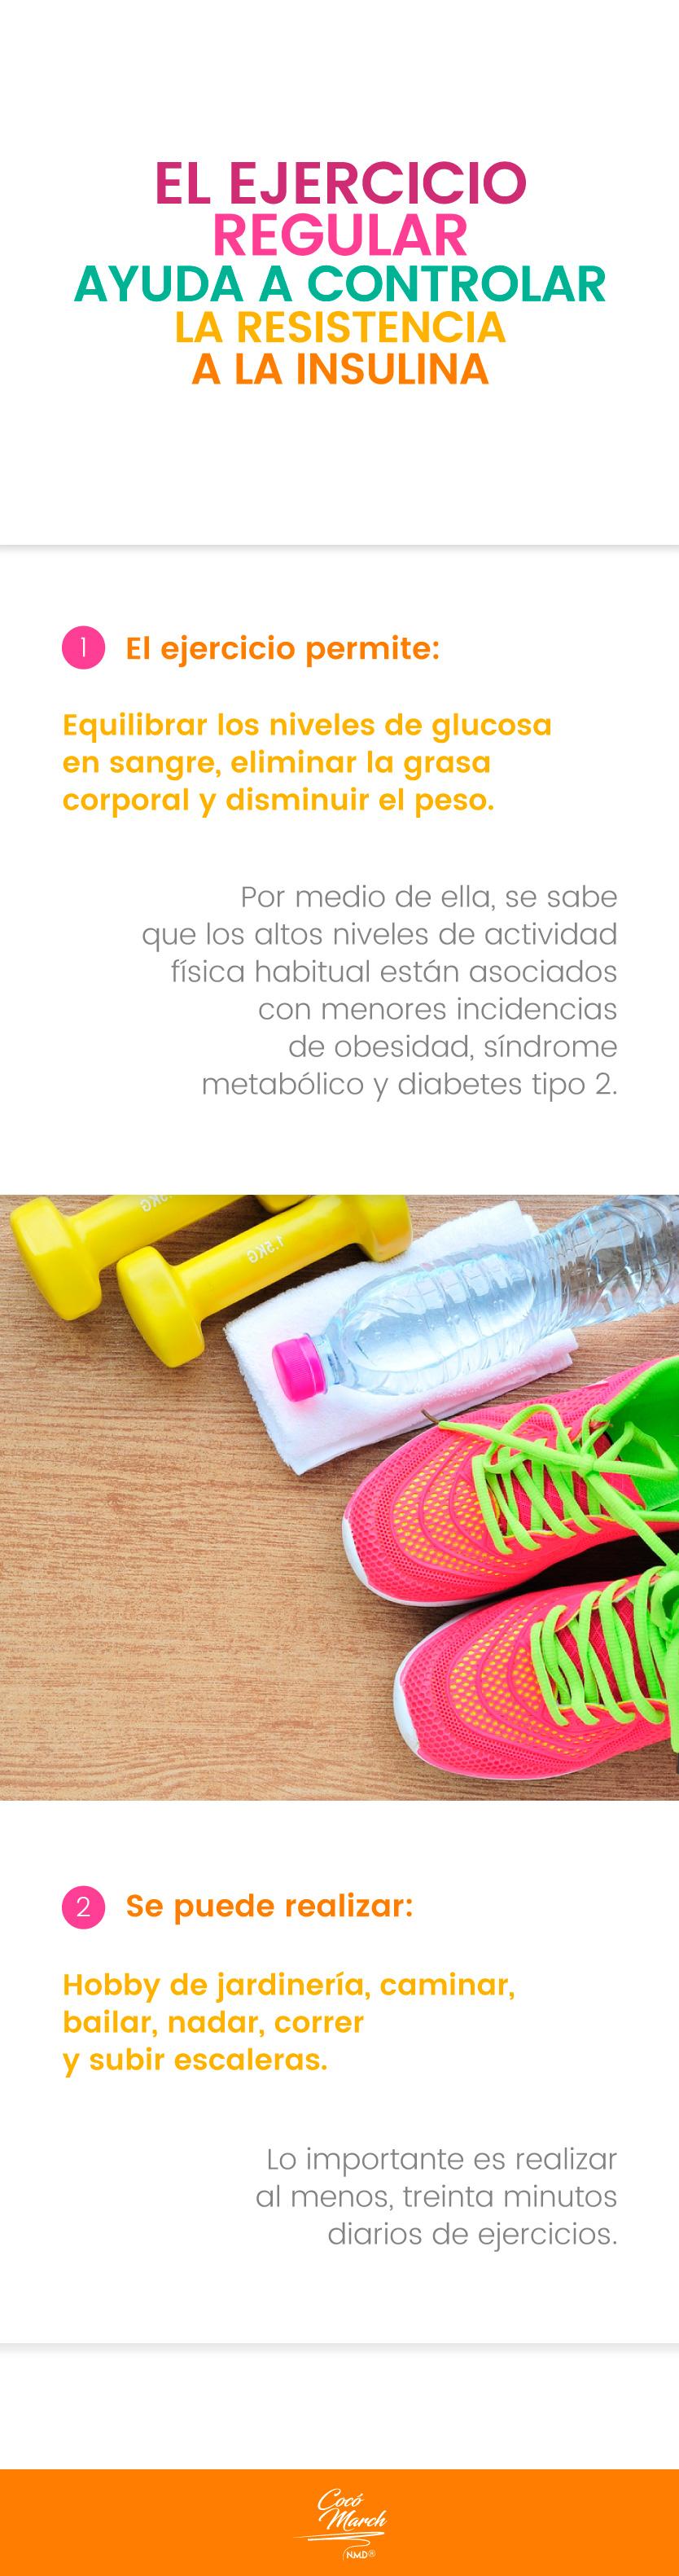 ejercicio-regular-ayuda-a-controlar-la-resistencia-a-la-insulina